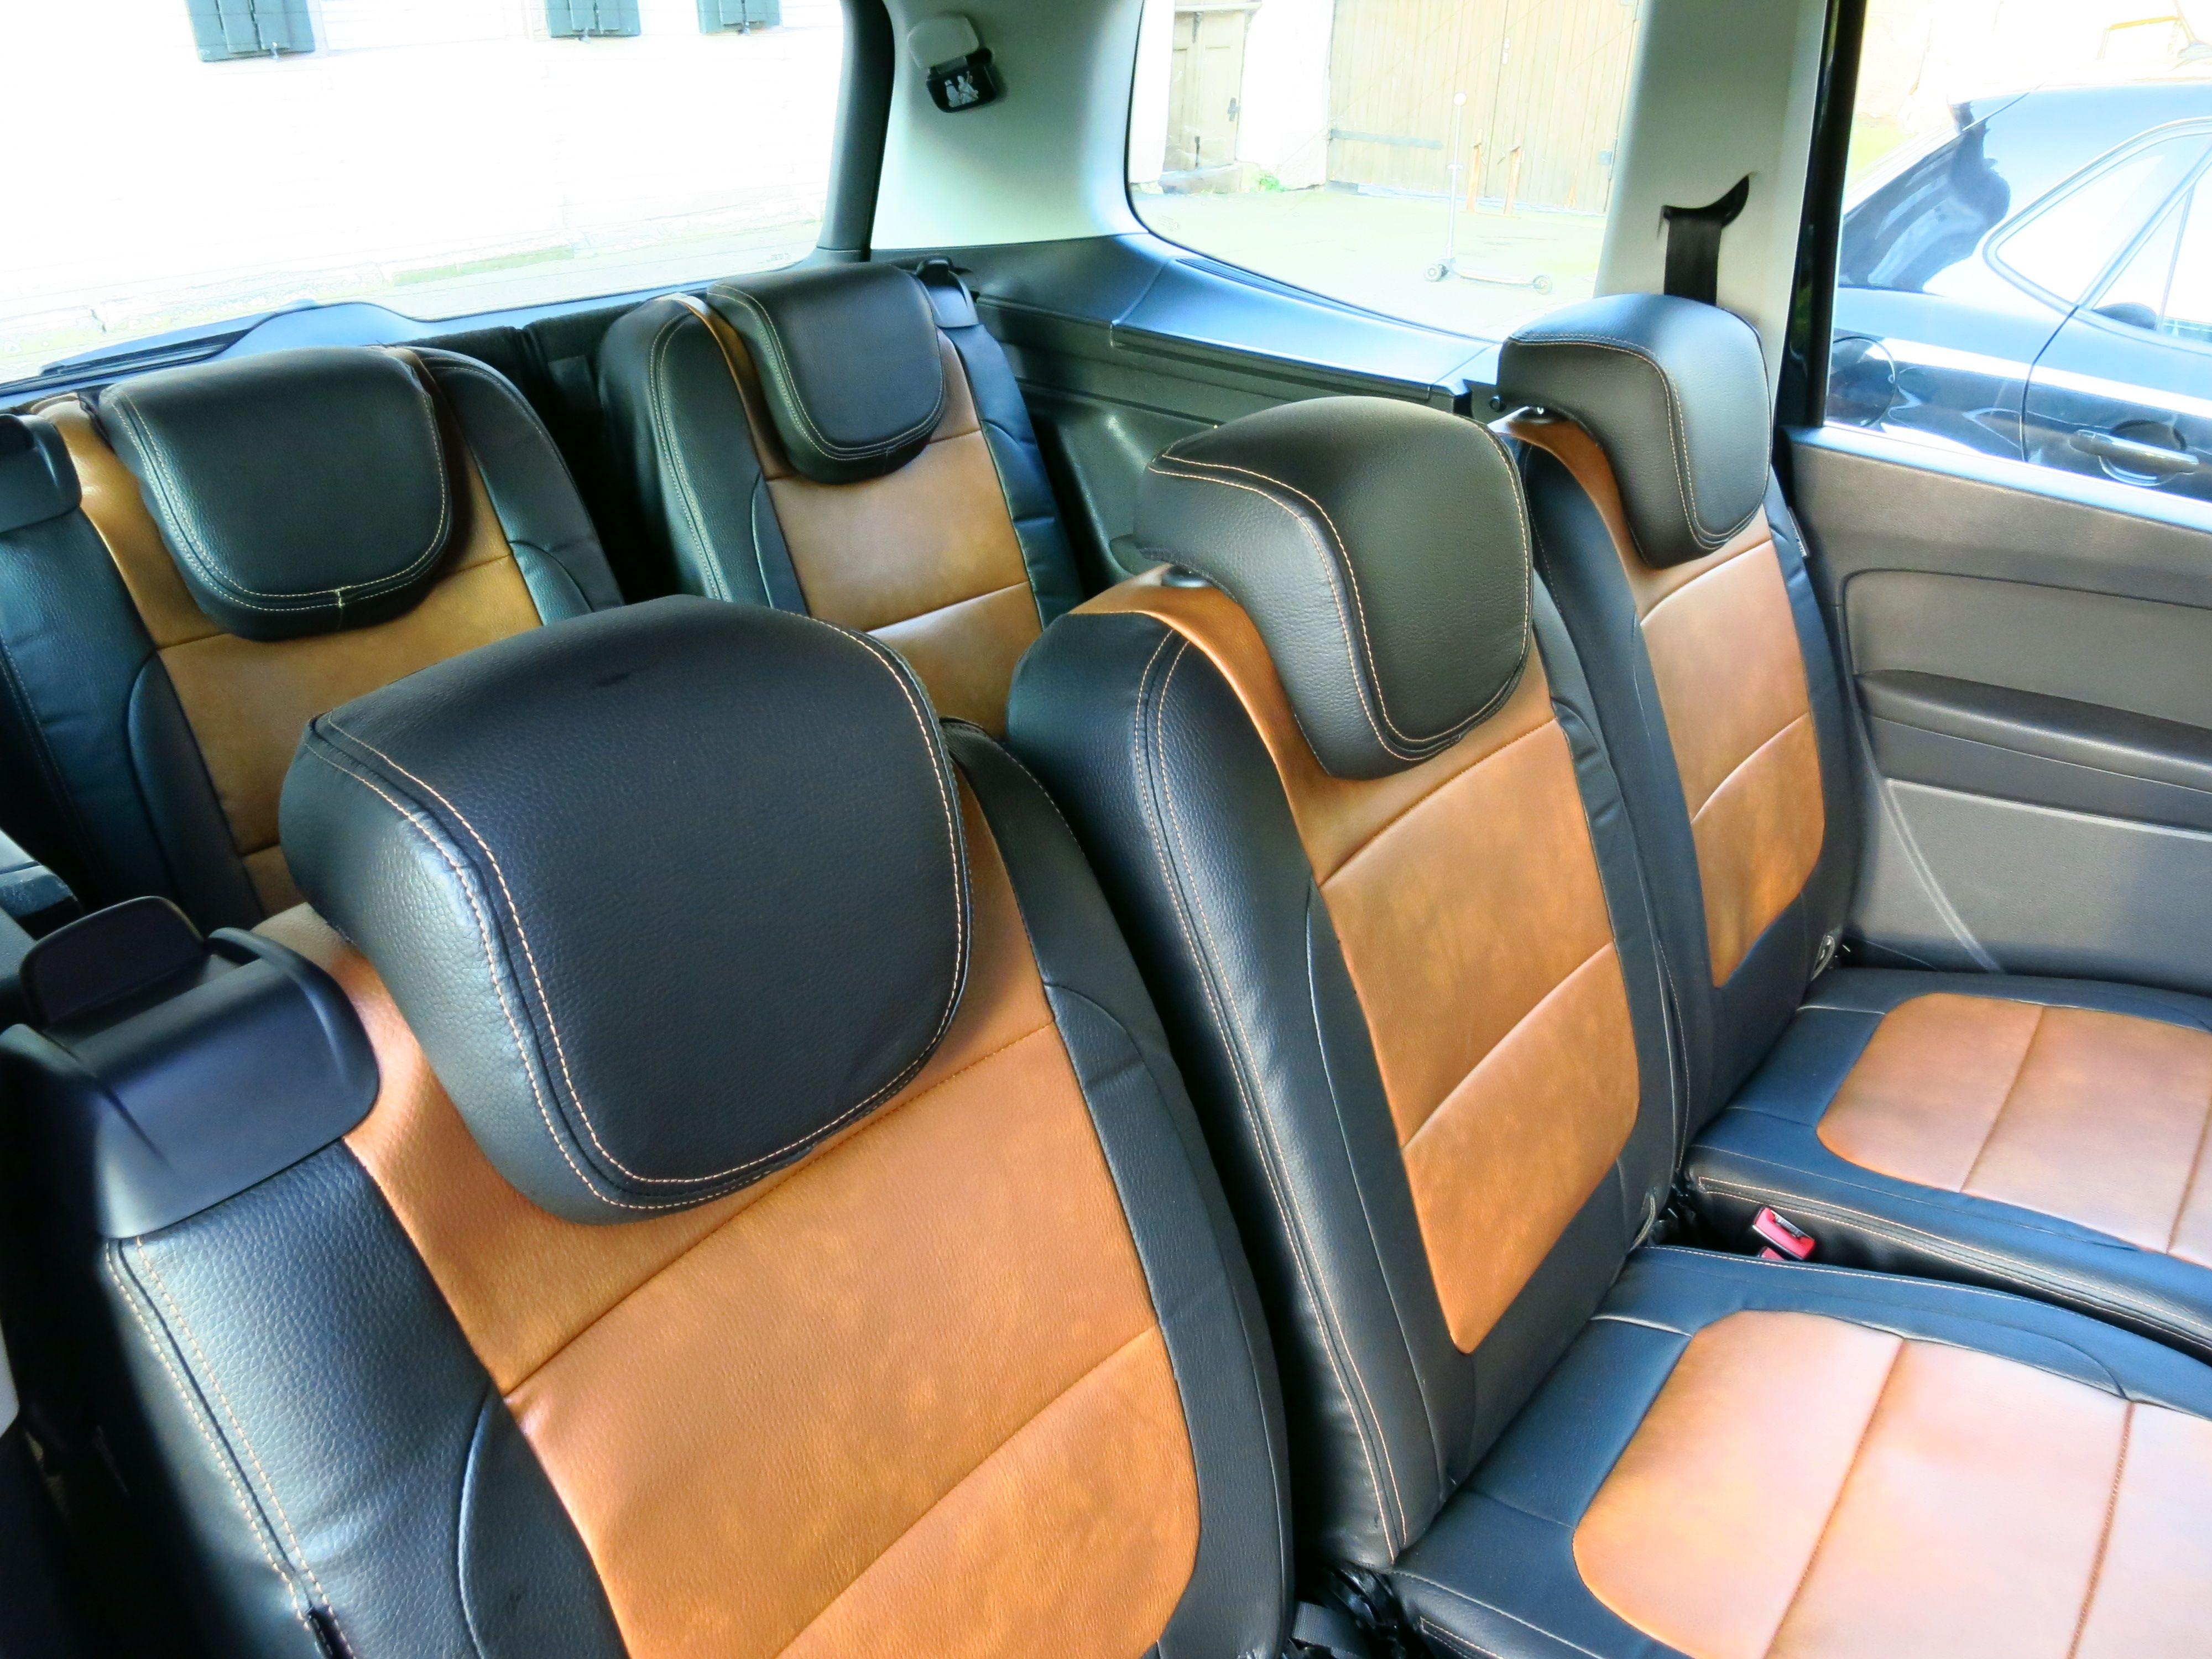 Vw sharan 7 sitzer autositzbez ge nach ma gefertigt die sitzbez ge wurden ber den originalbezug der